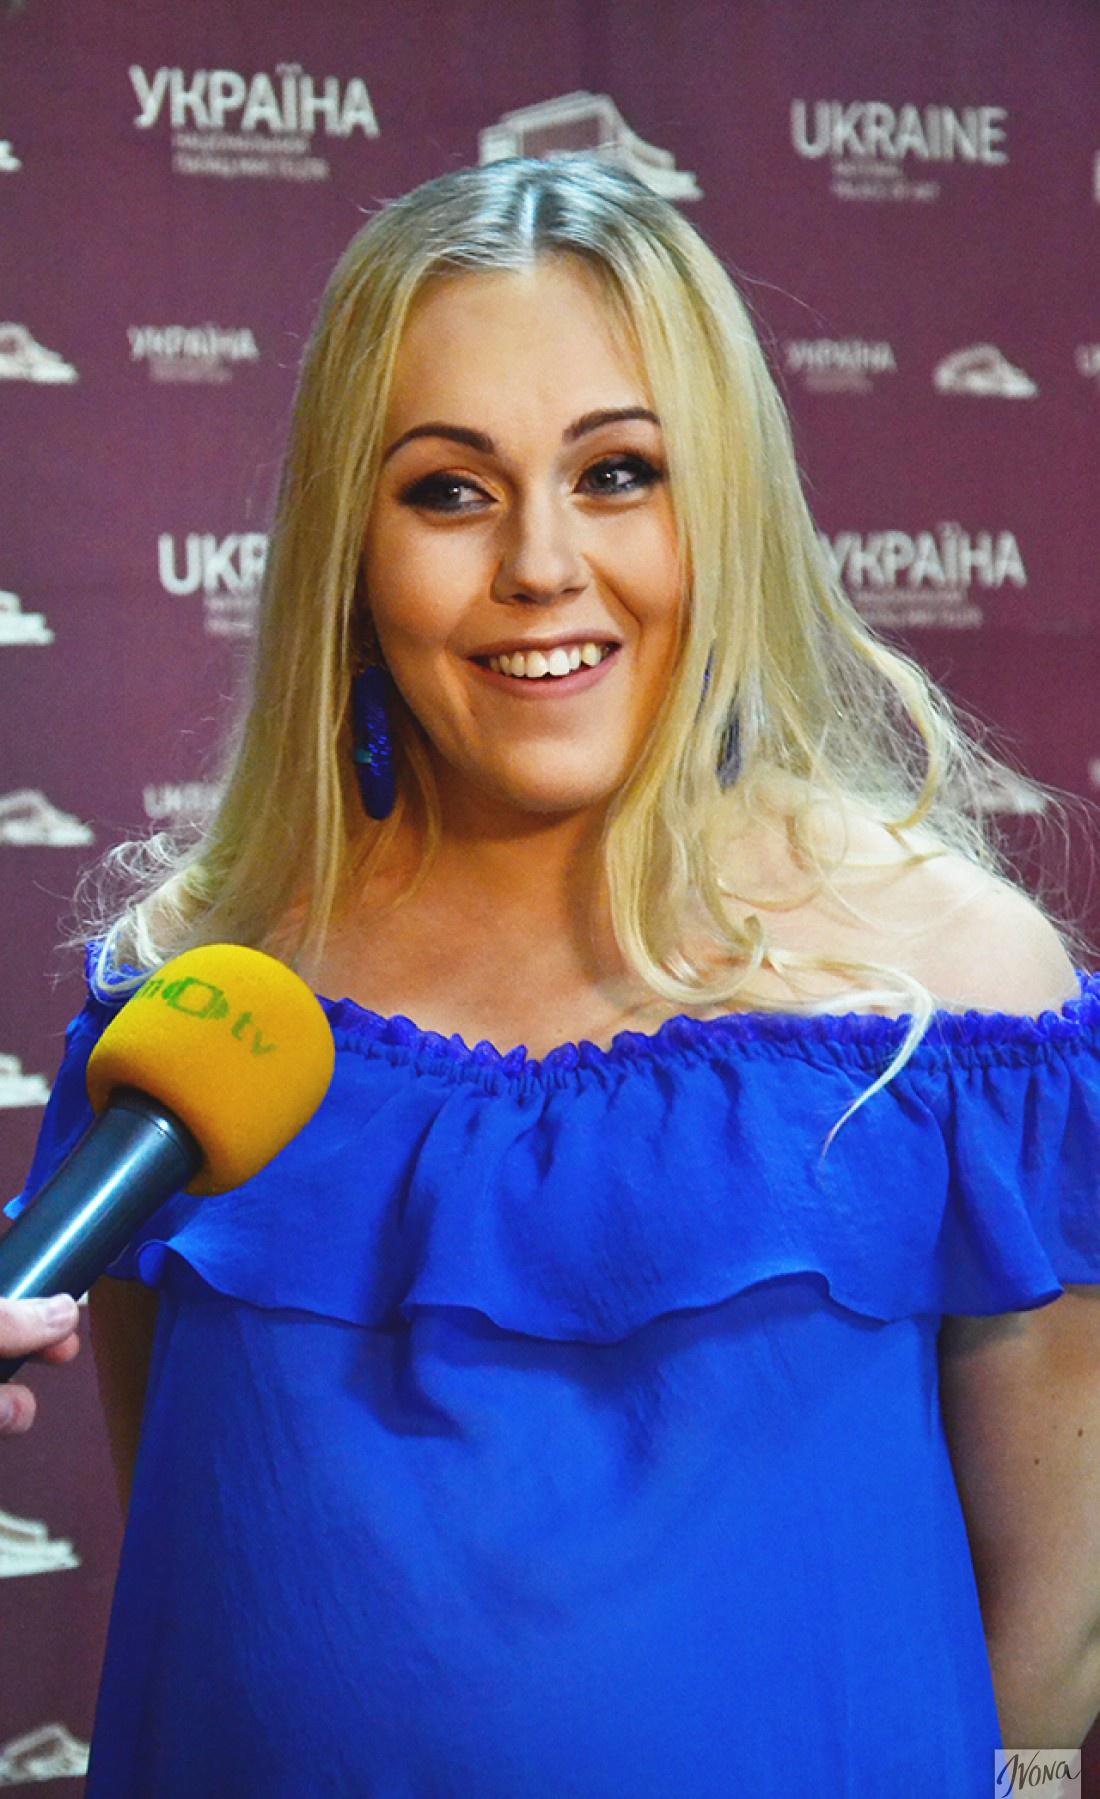 Alyosha призналась, что вторая беременность стала неожиданностью для нее и мужа